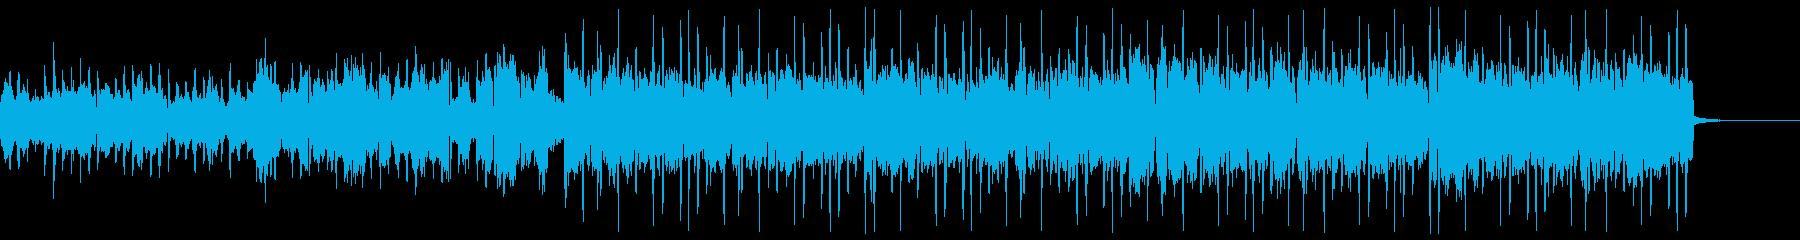 ループ感が気持ちいい変則ビートの再生済みの波形